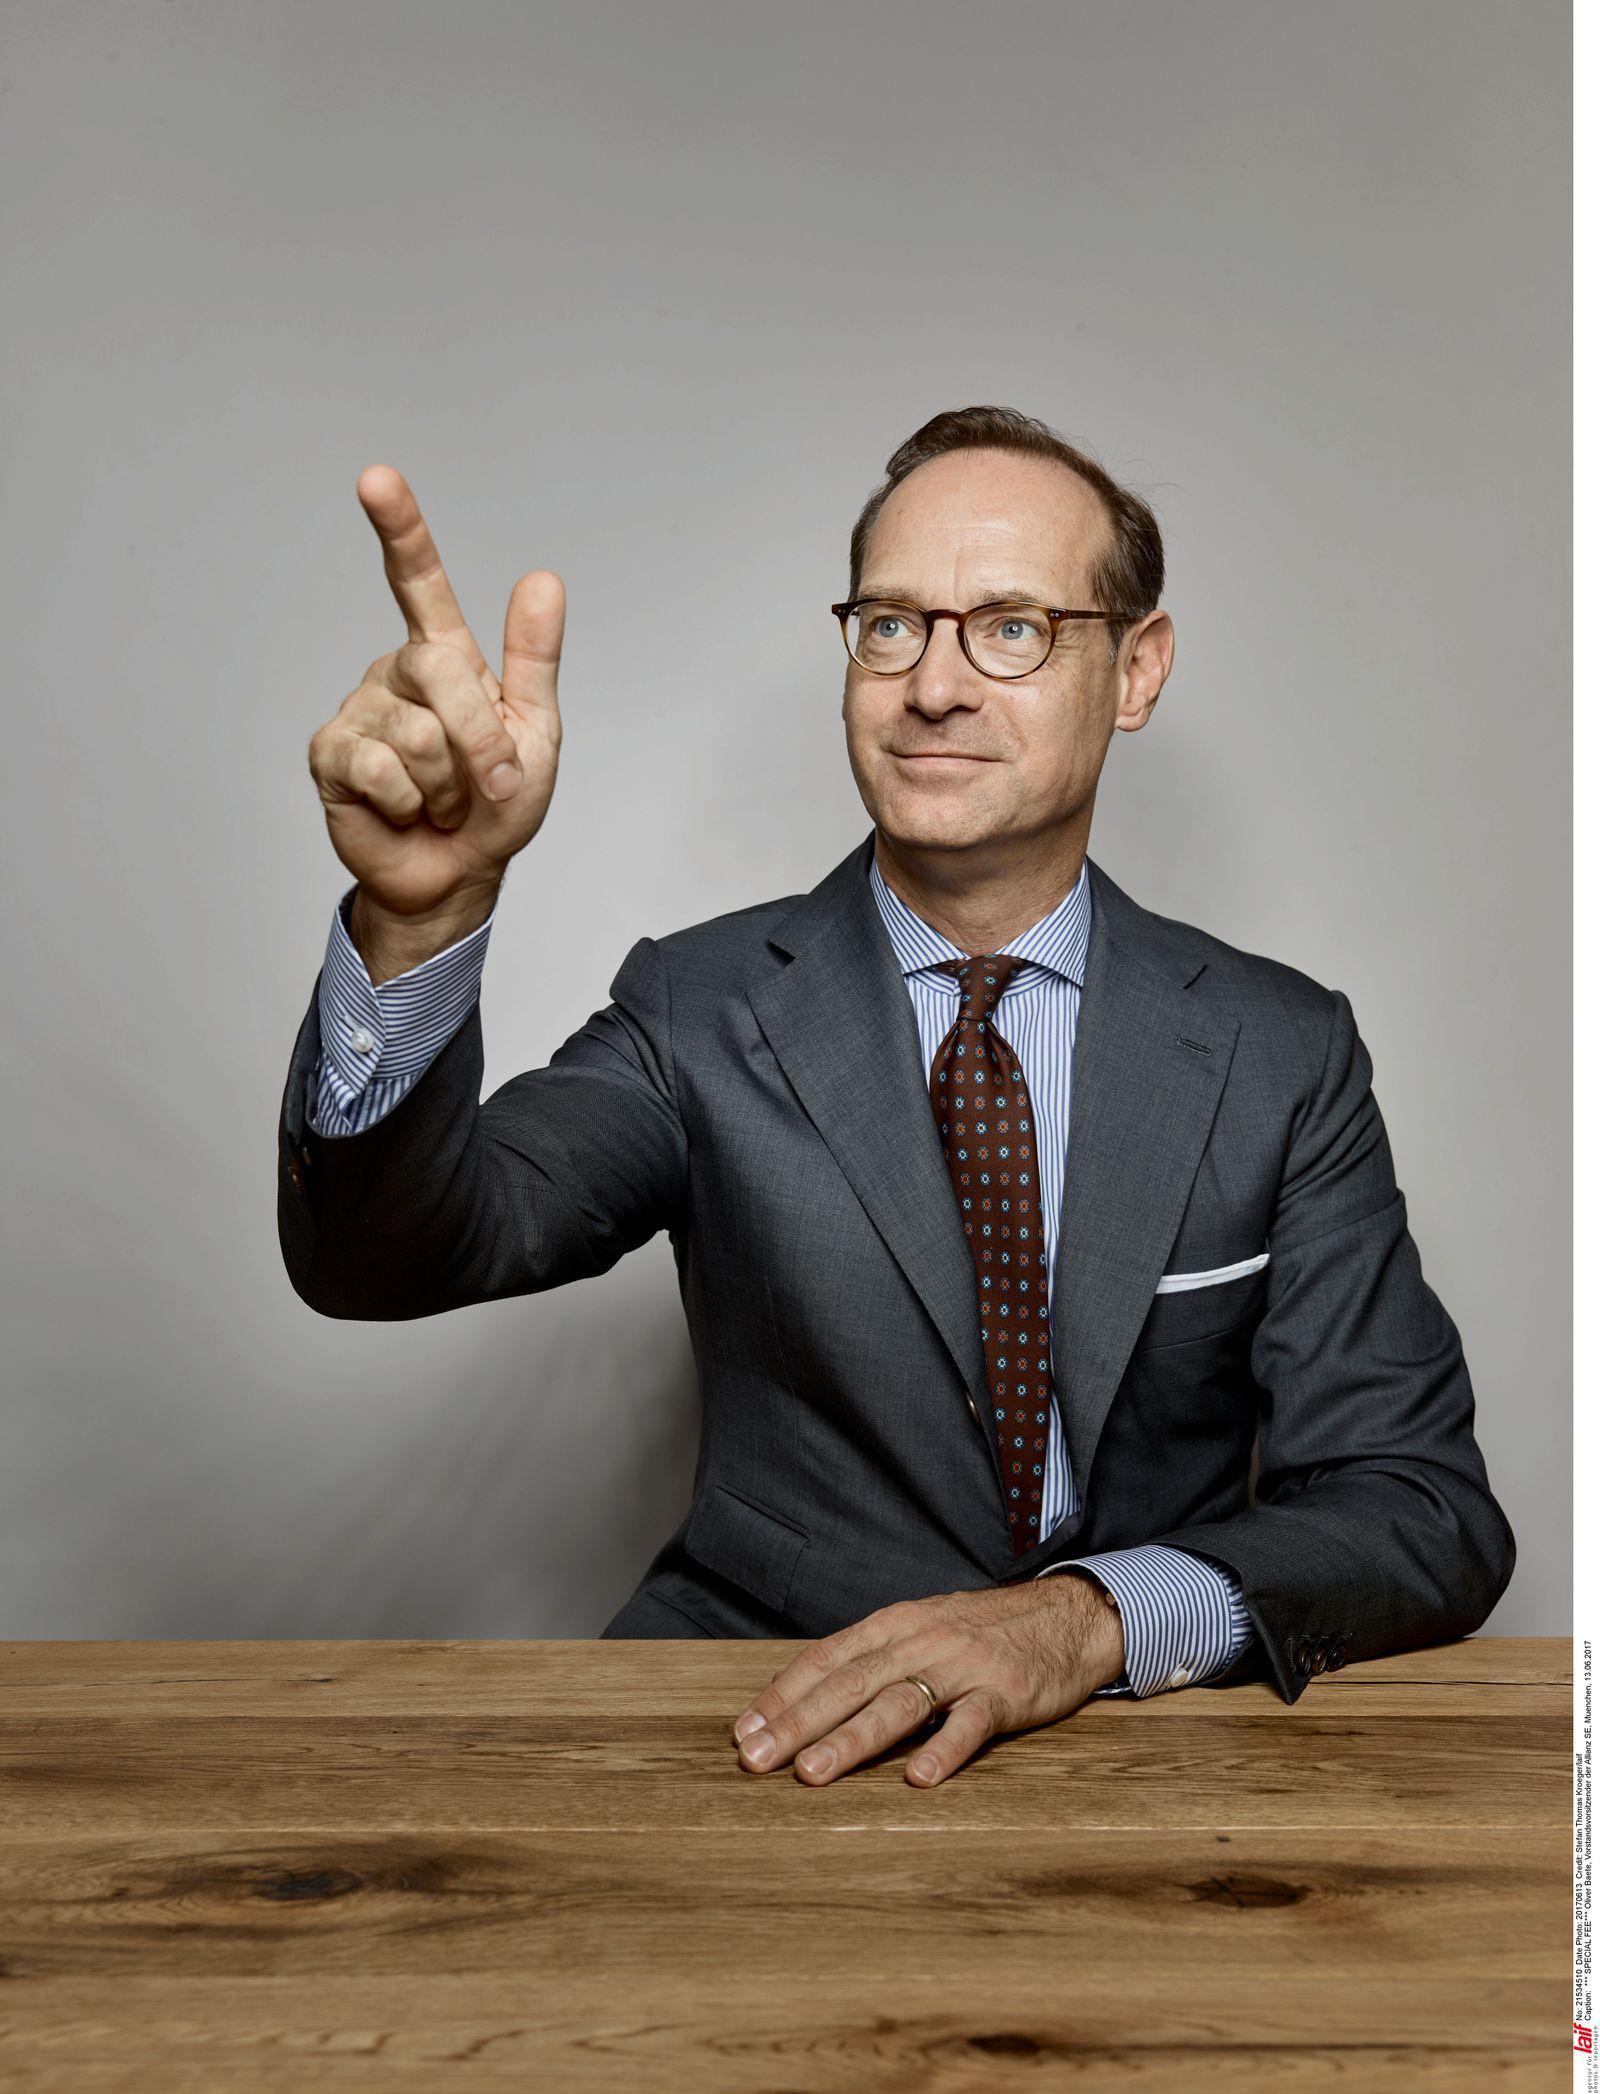 Oliver Baete, Vorstandsvorsitzender der Allianz SE